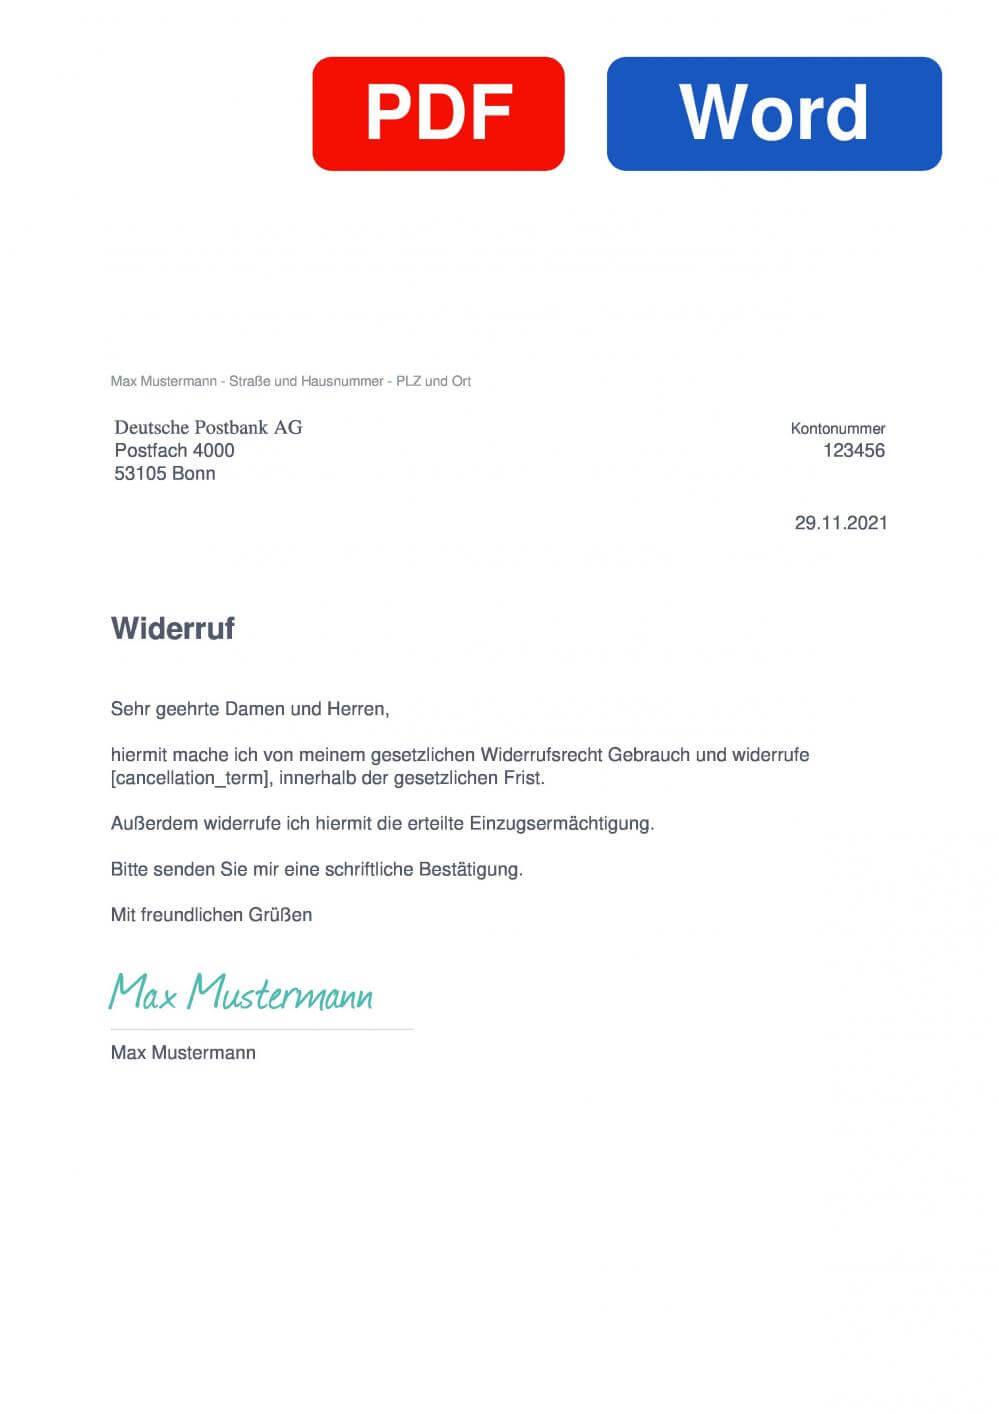 Postbank Muster Vorlage für Wiederrufsschreiben